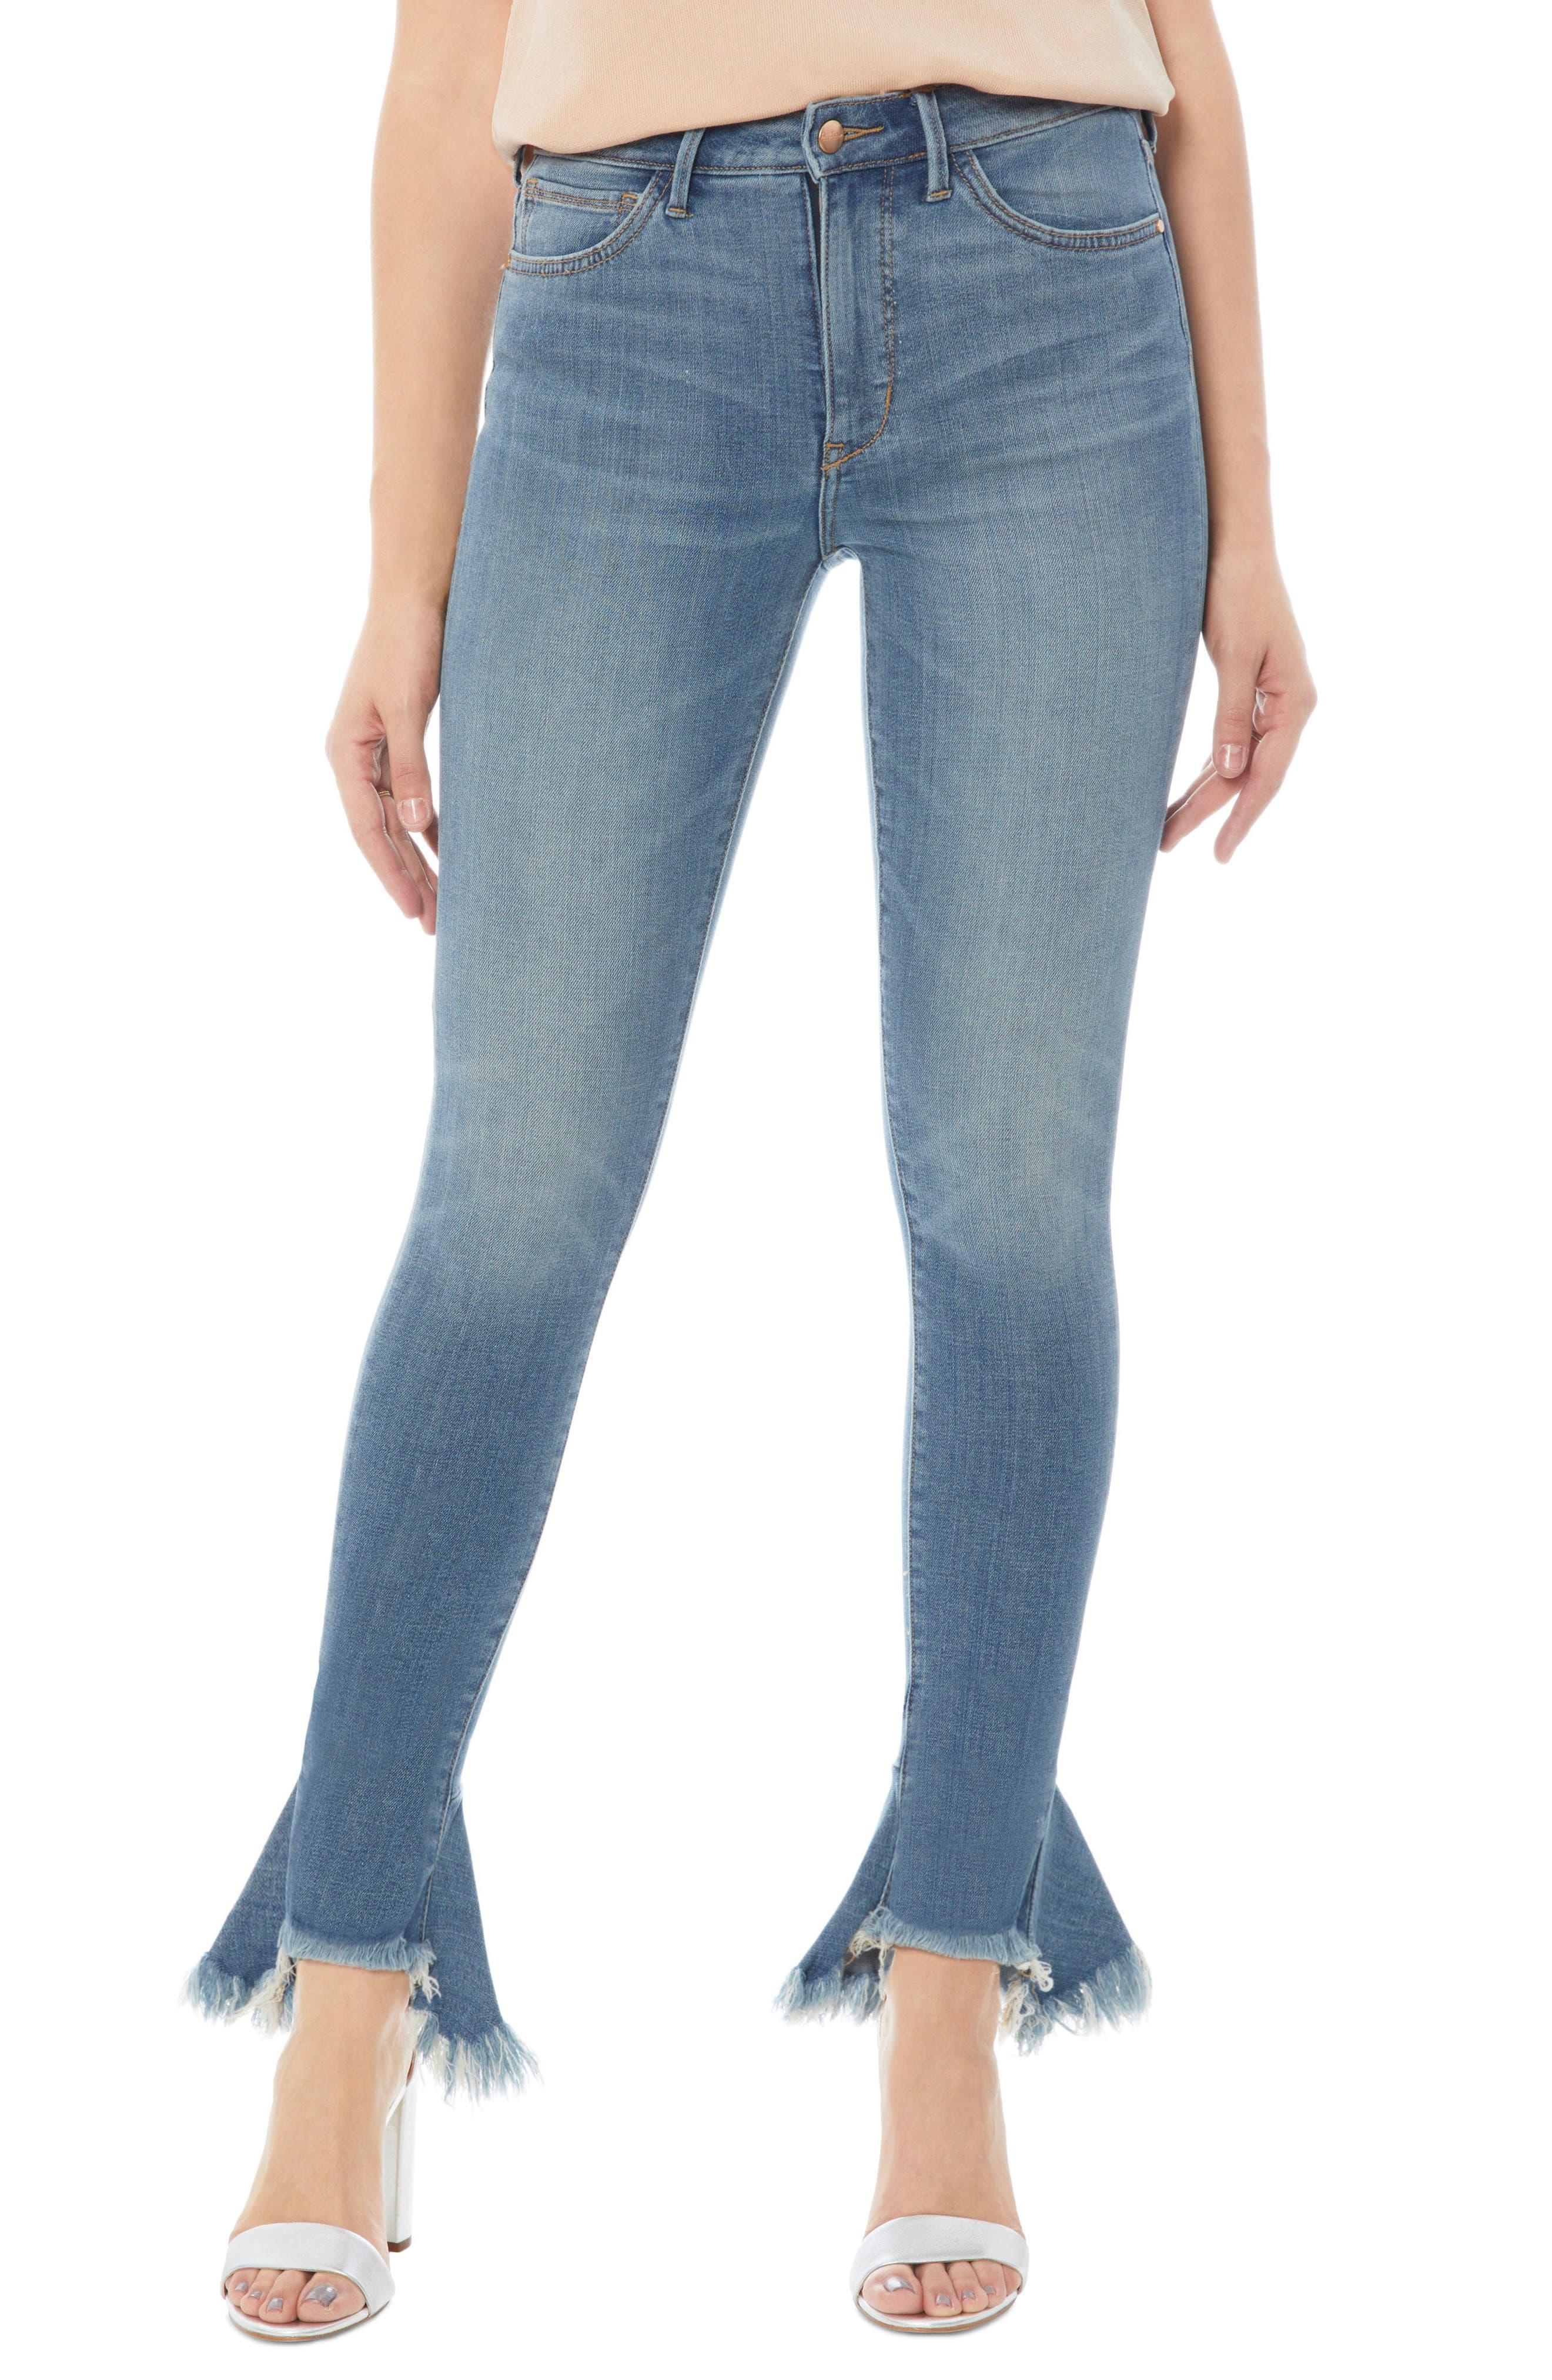 Sam Edelman The Stiletto Jeans